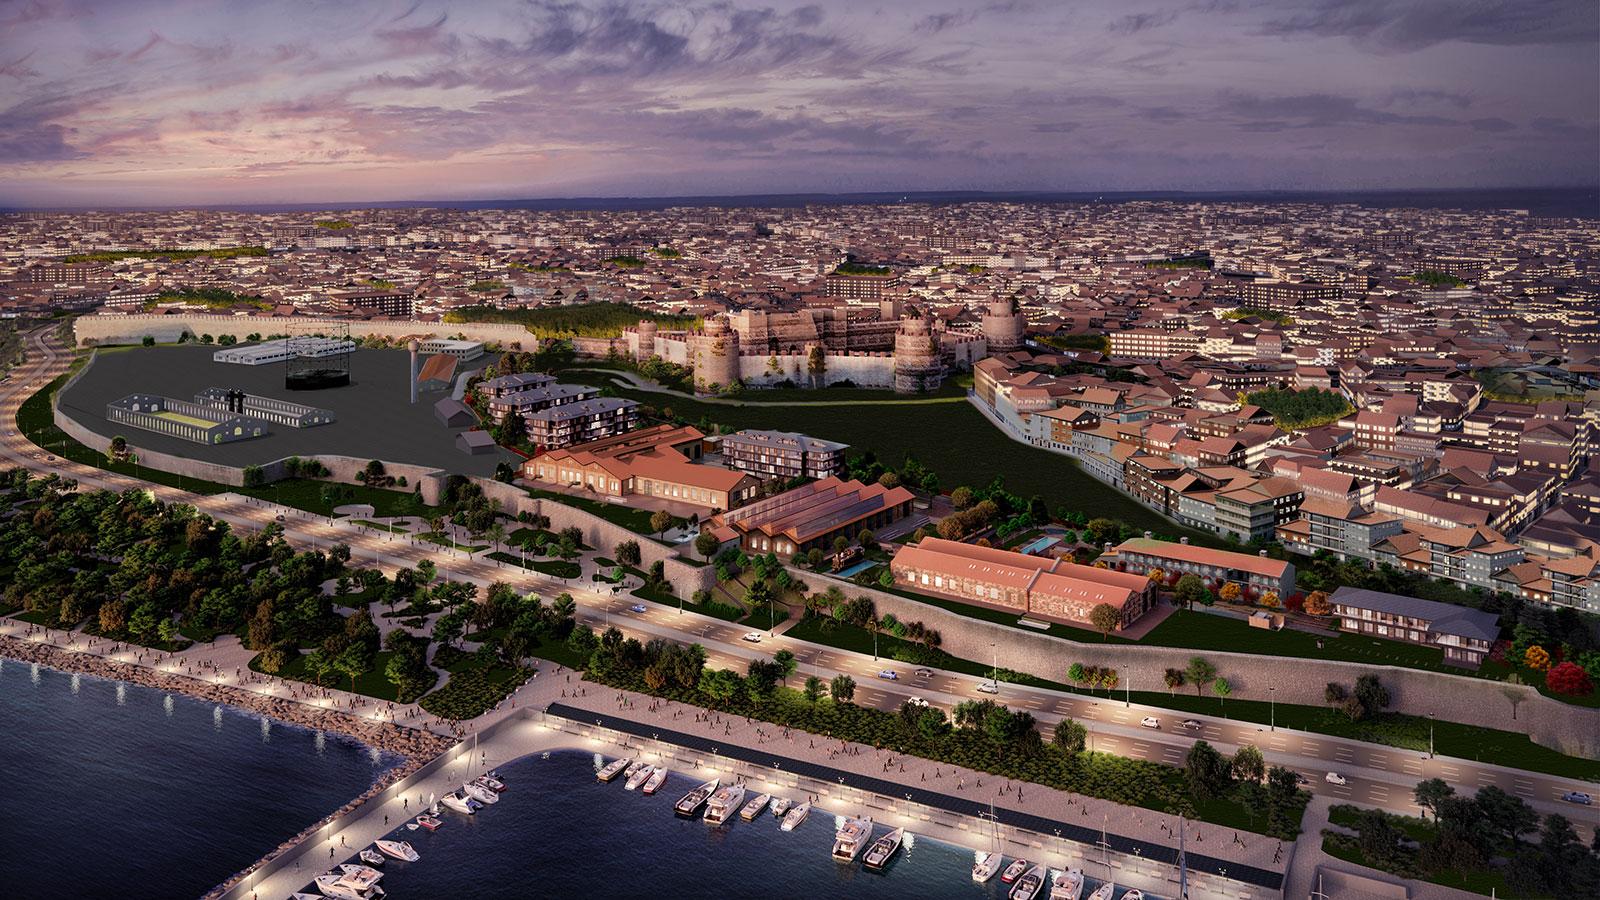 خرید خانه با دید دریا در منطقه Fatih از سایت خرید ملک در استانبول